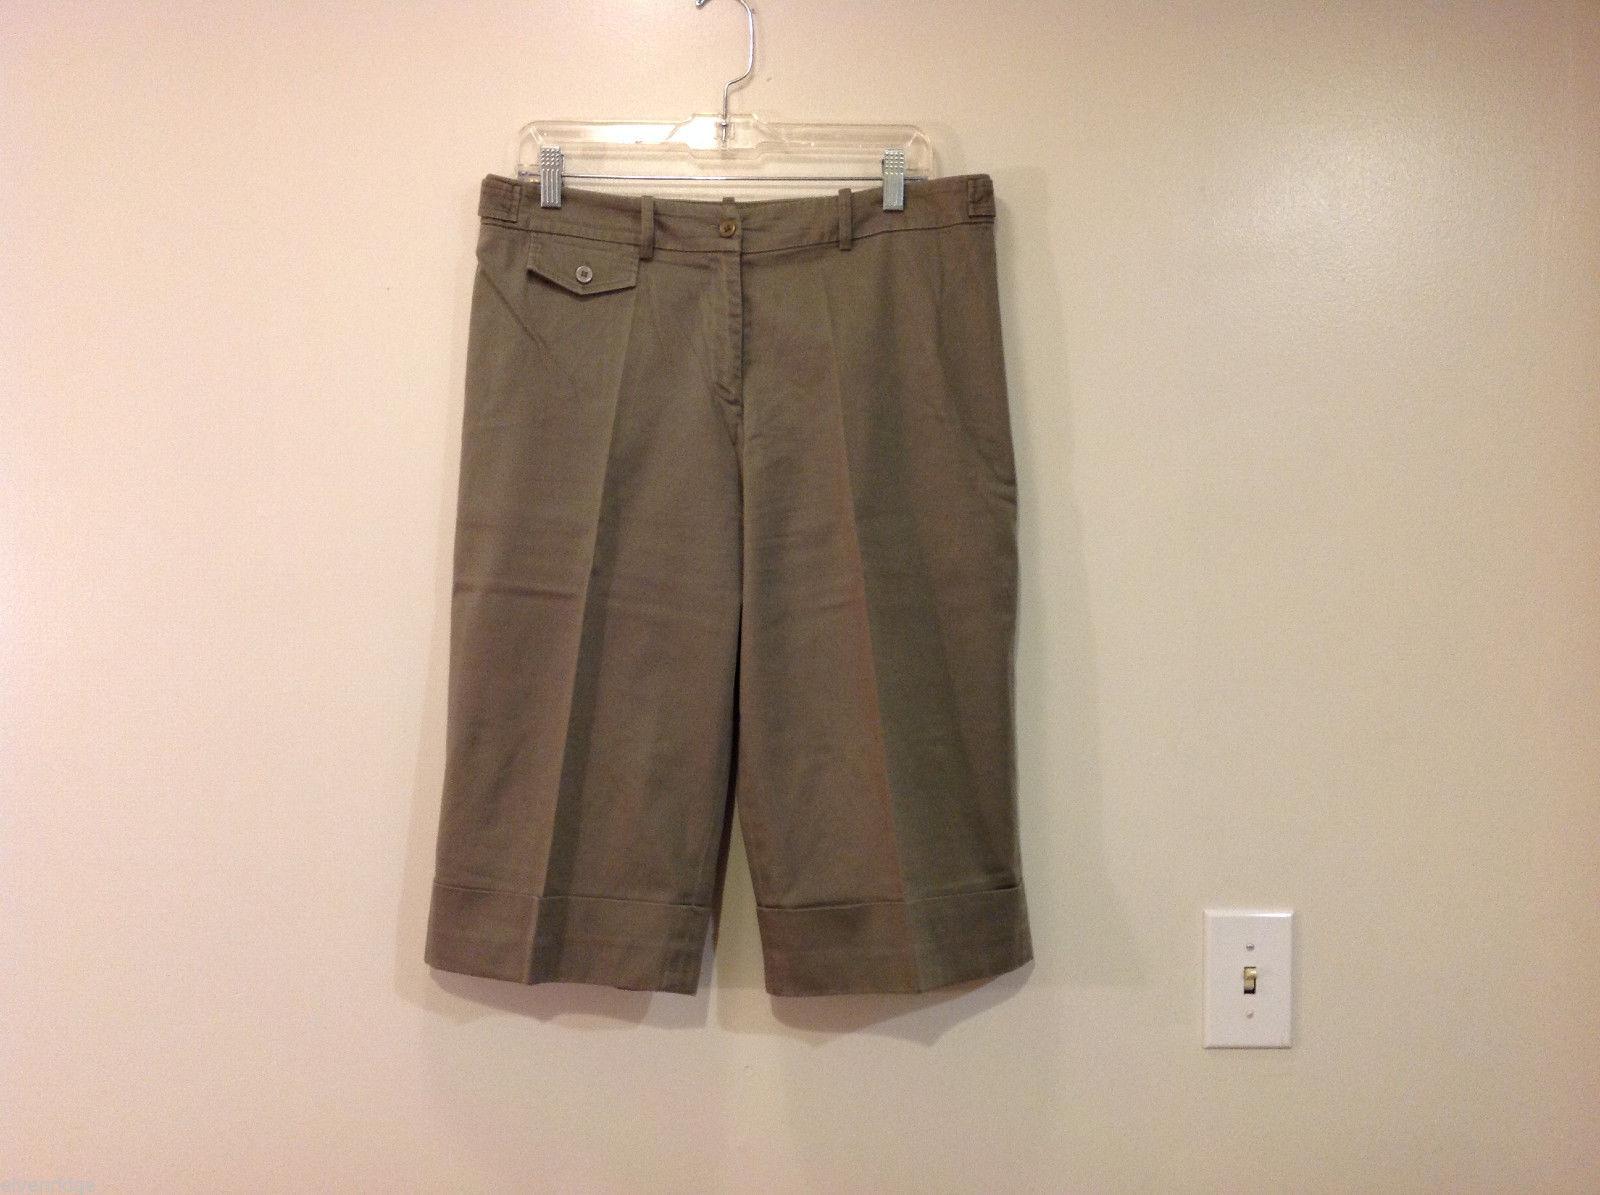 Appraisal Khaki Gray Adjustable Waist Shorts, Size 14